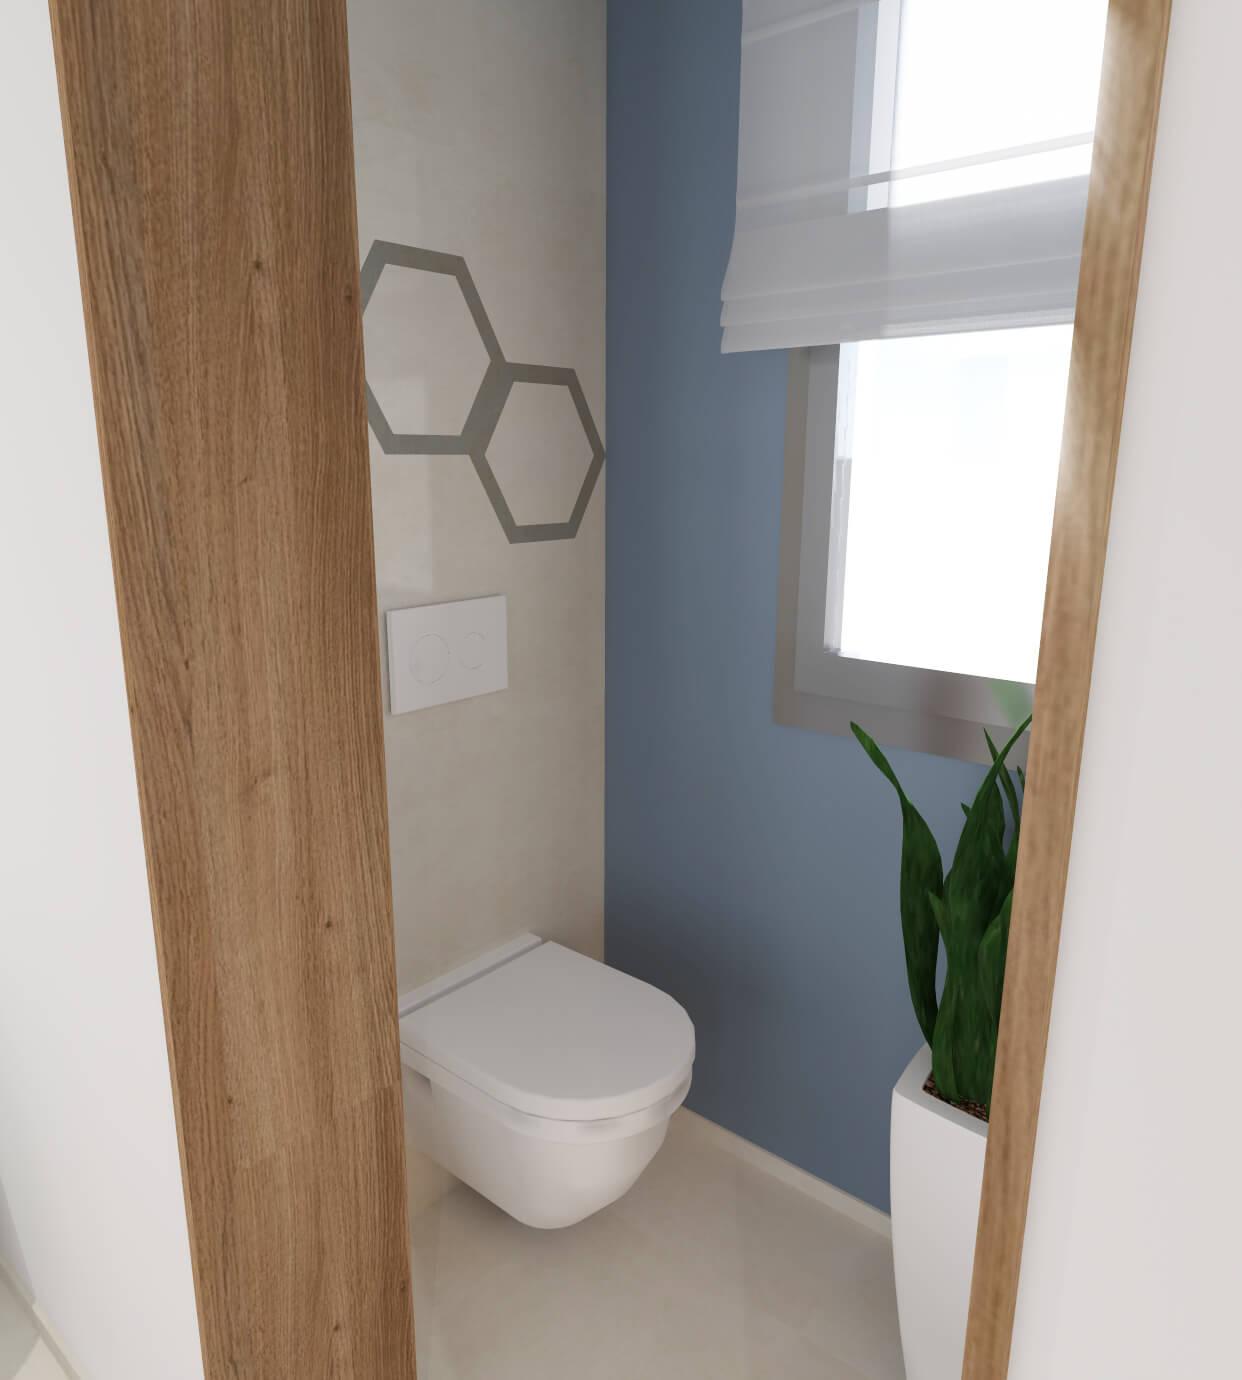 Comment Decorer Les Wc salle de bain parents 6 wc - aquarelle - bureau d